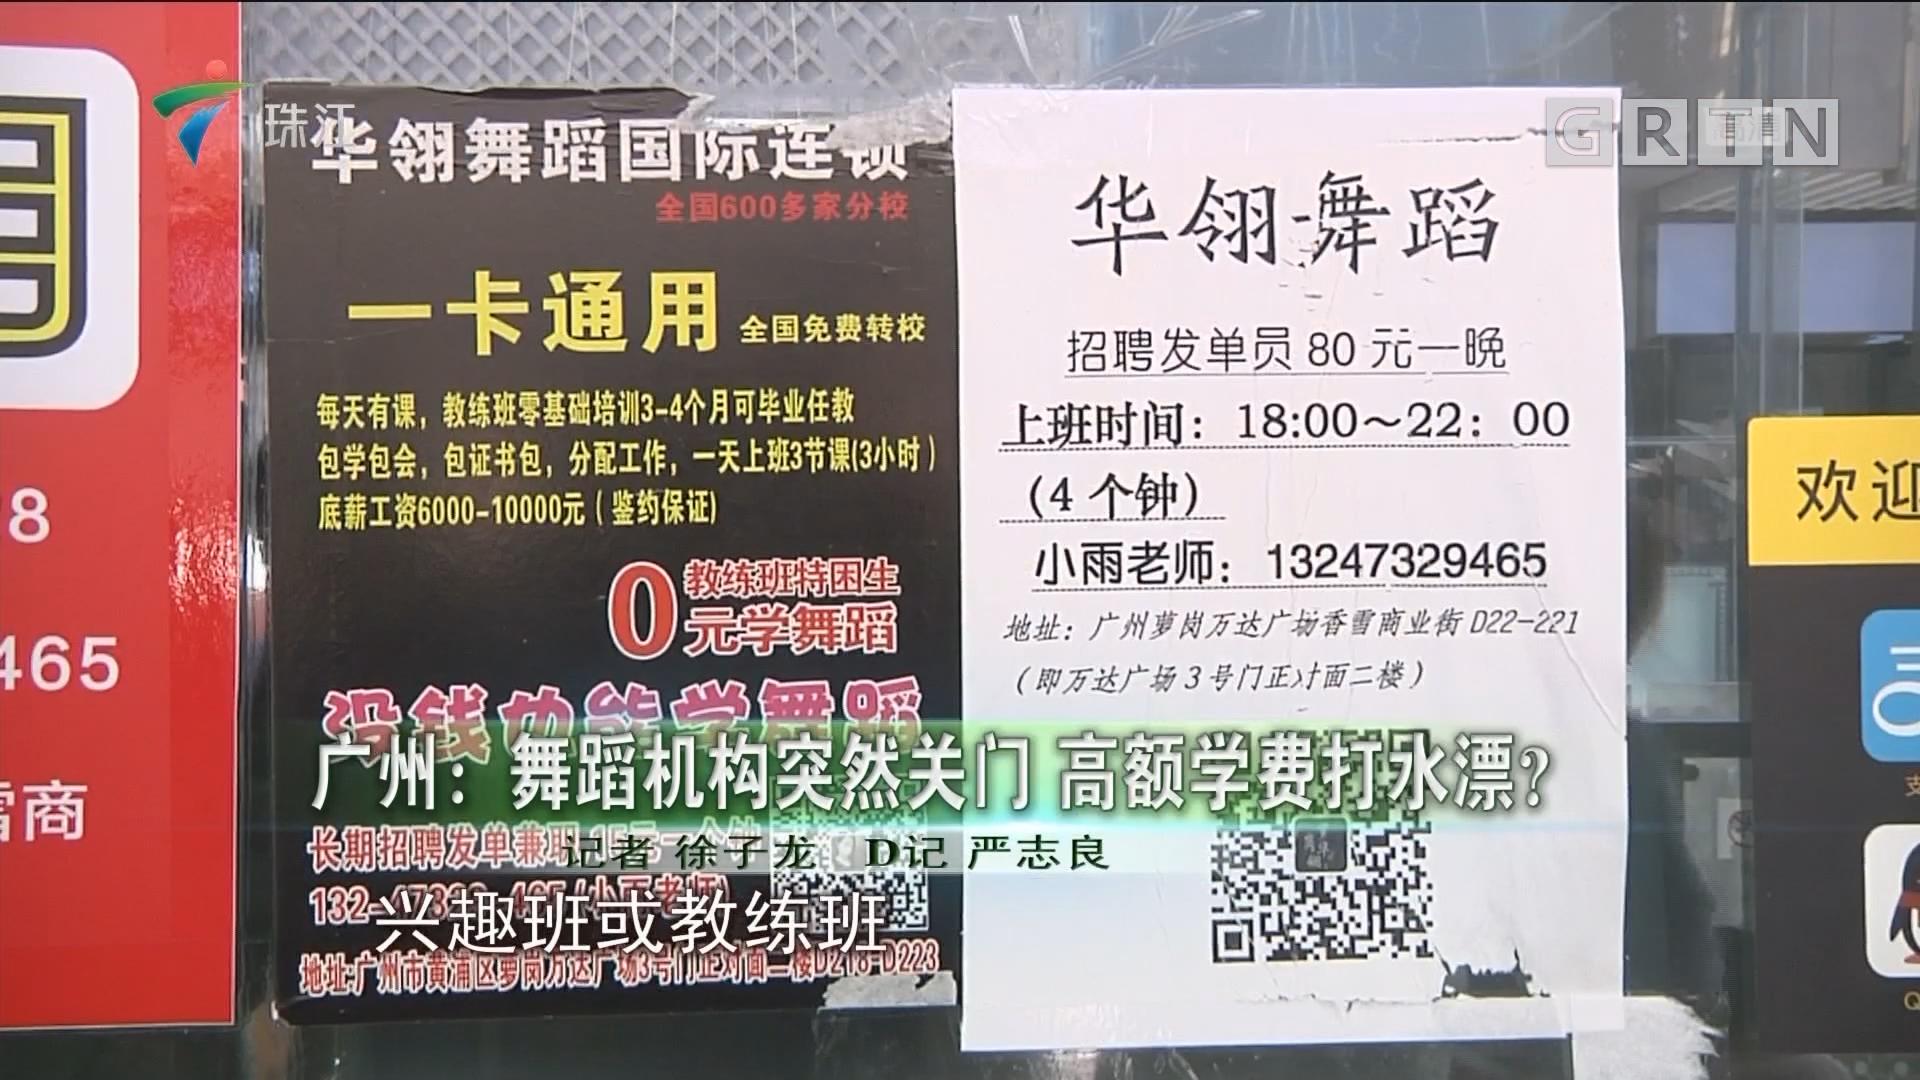 广州:舞蹈机构突然关门 高额学费打水漂?